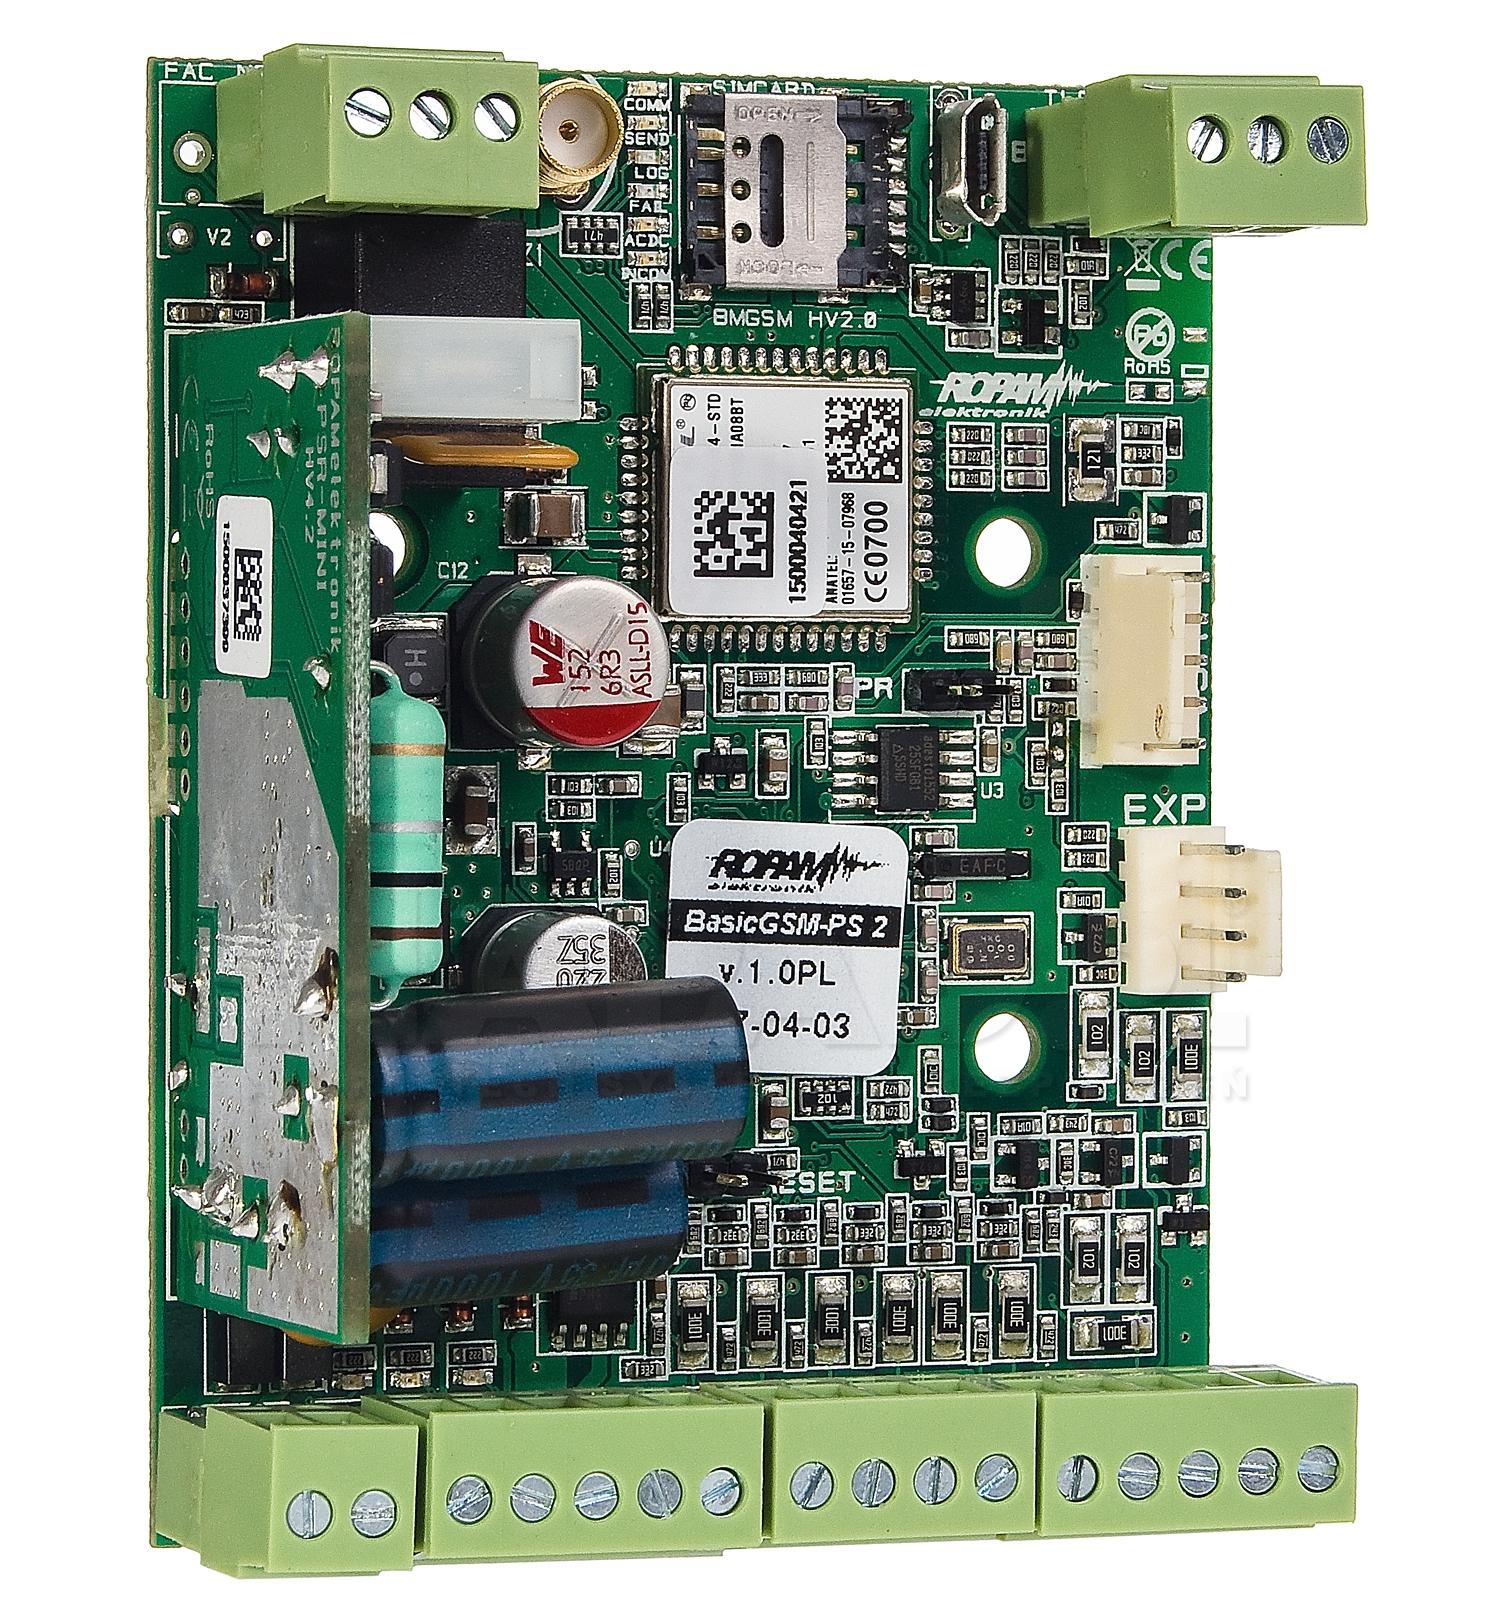 Ropam BasicGSM-PS 2 moduł powiadomienia, sterowania, sms, gprs, mail